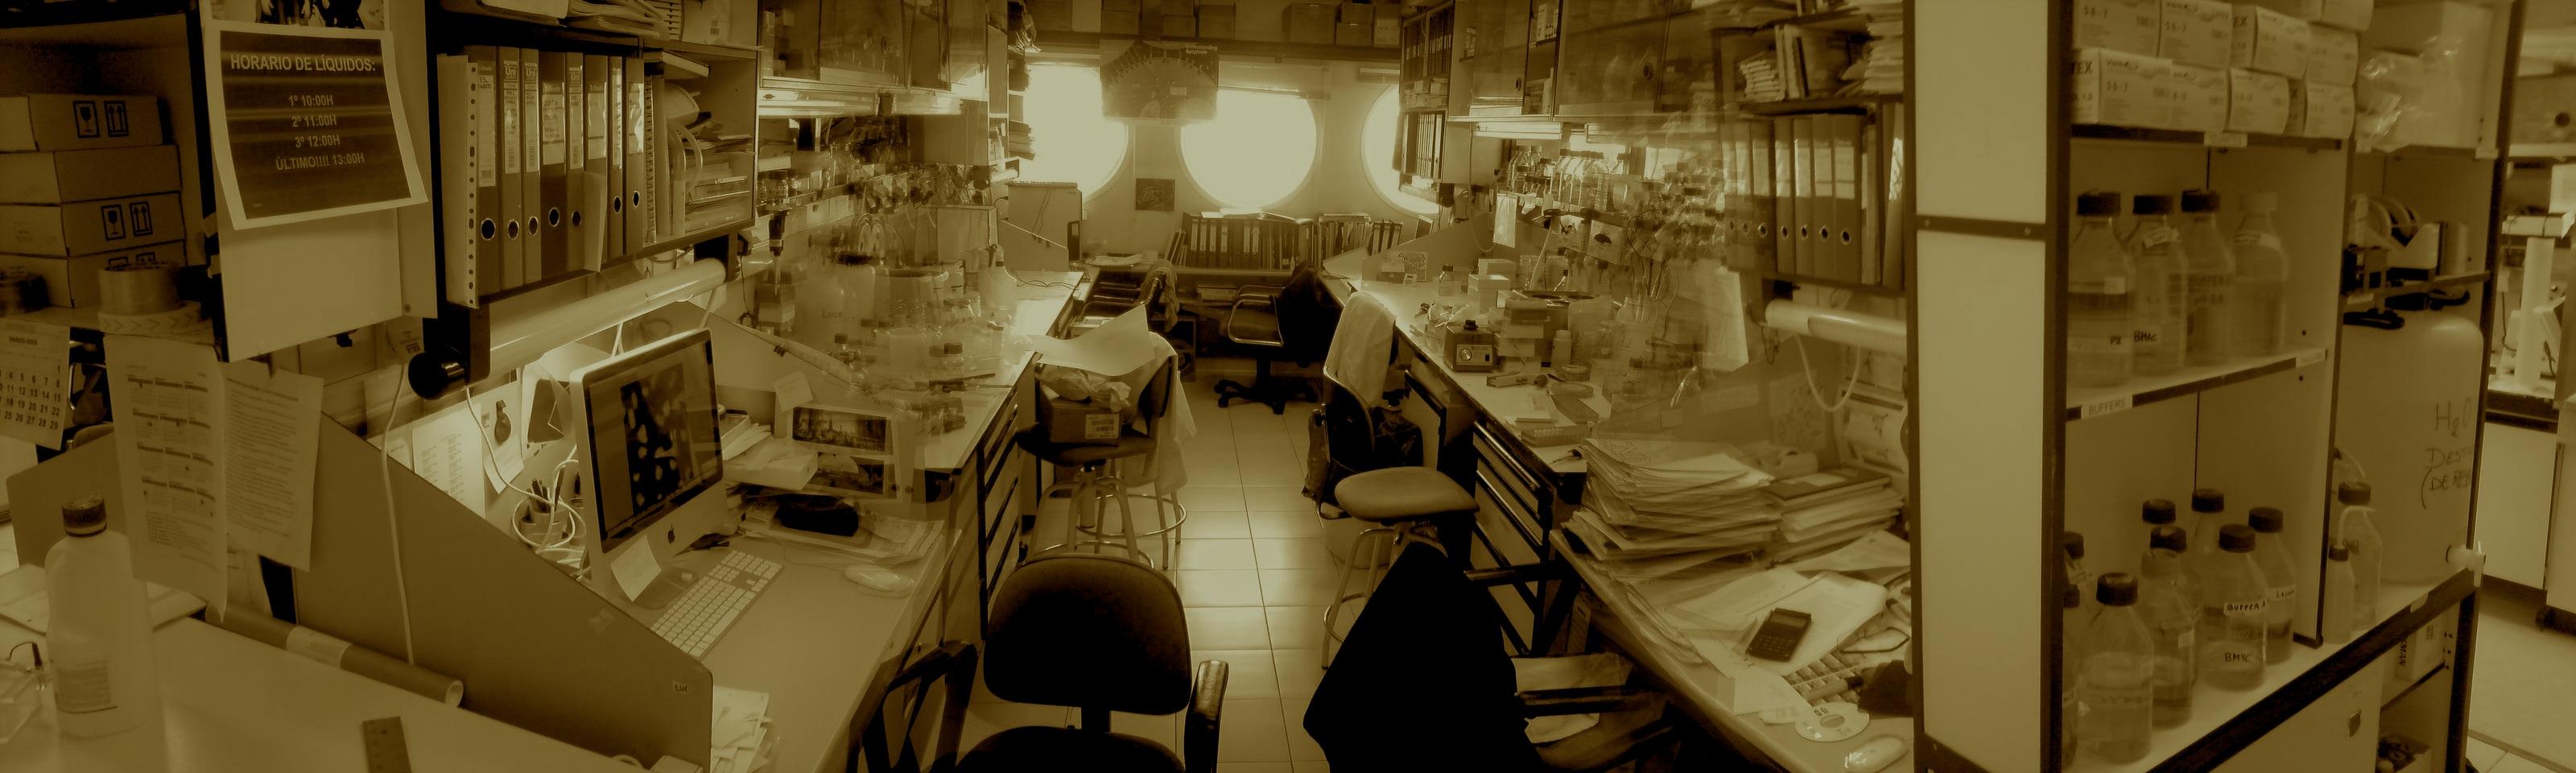 Foto tomada de sonicando.com